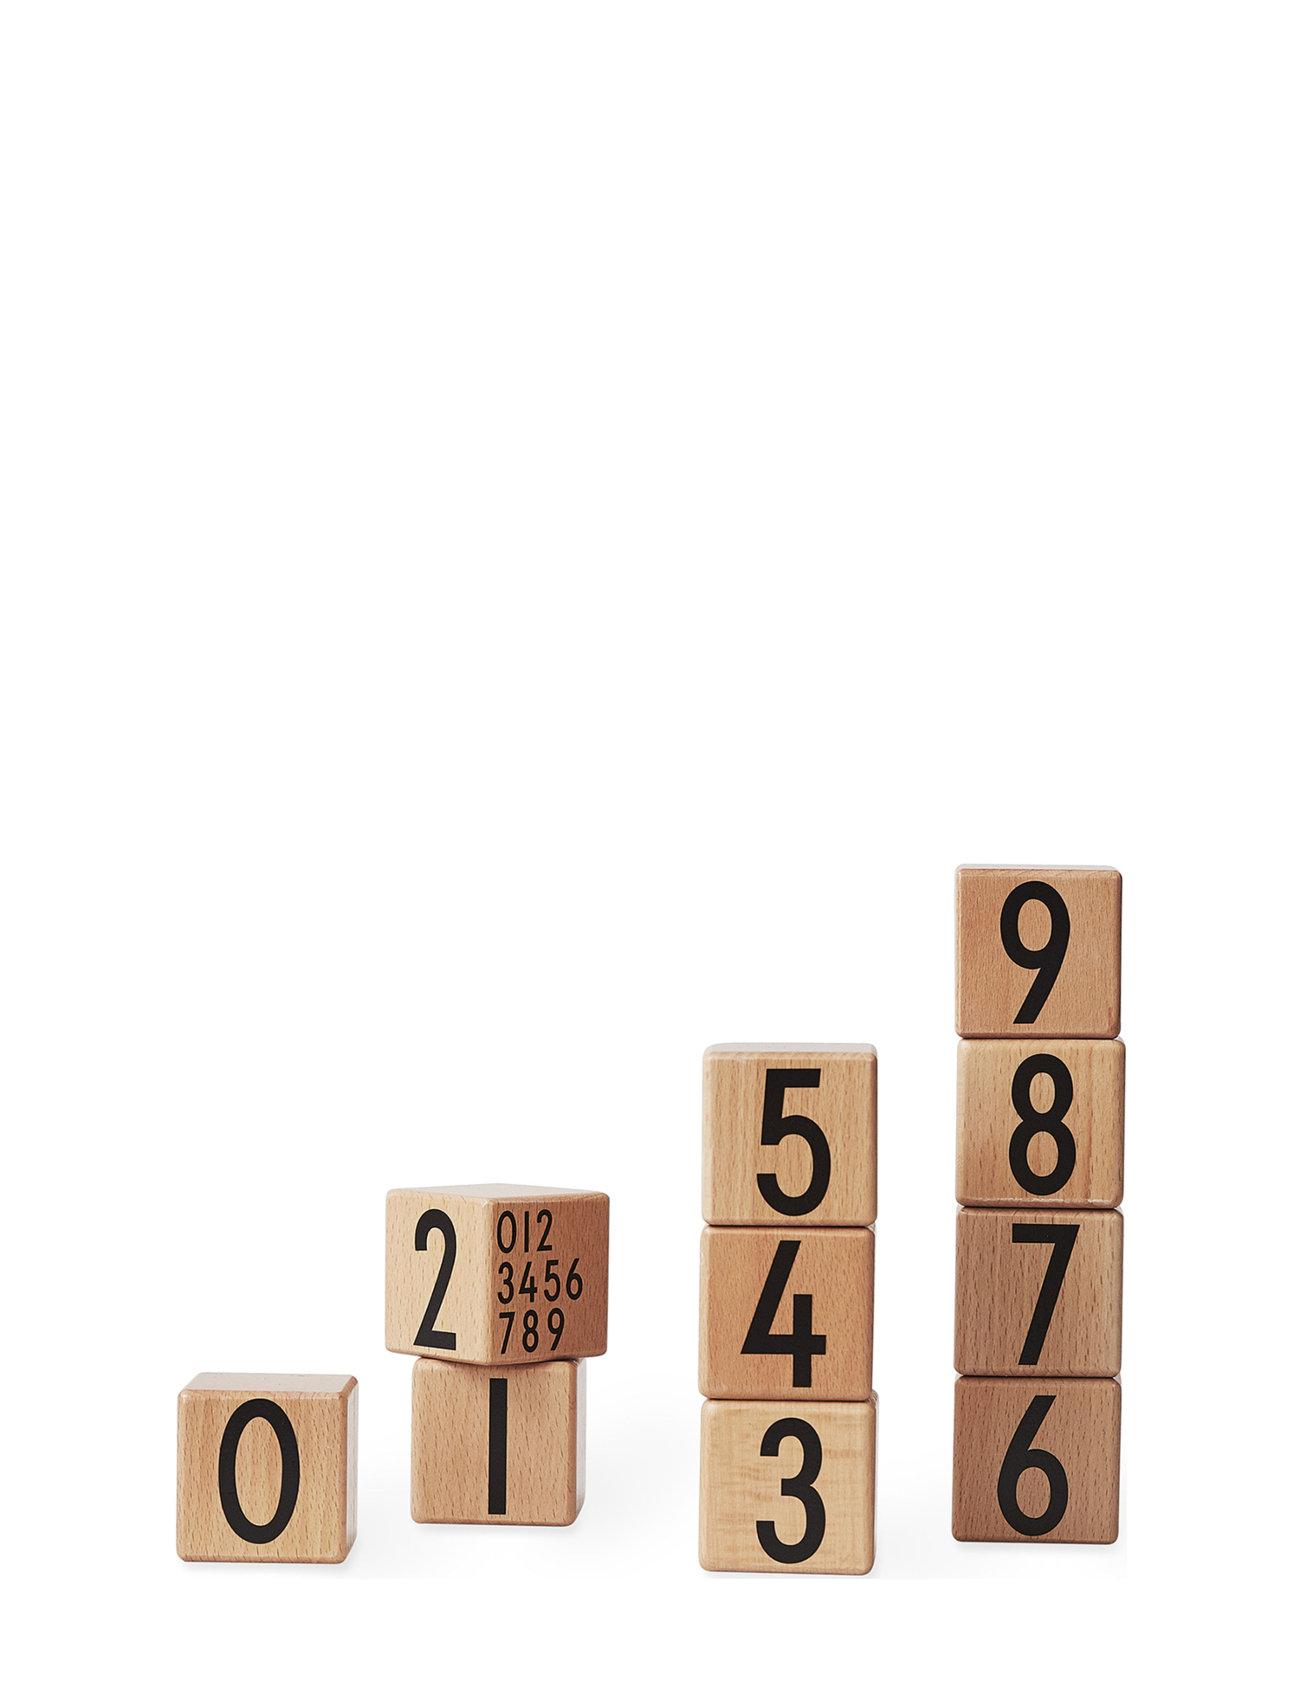 Image of Wooden Cubes 0-9 Smykke Brun Design Letters (3335649335)